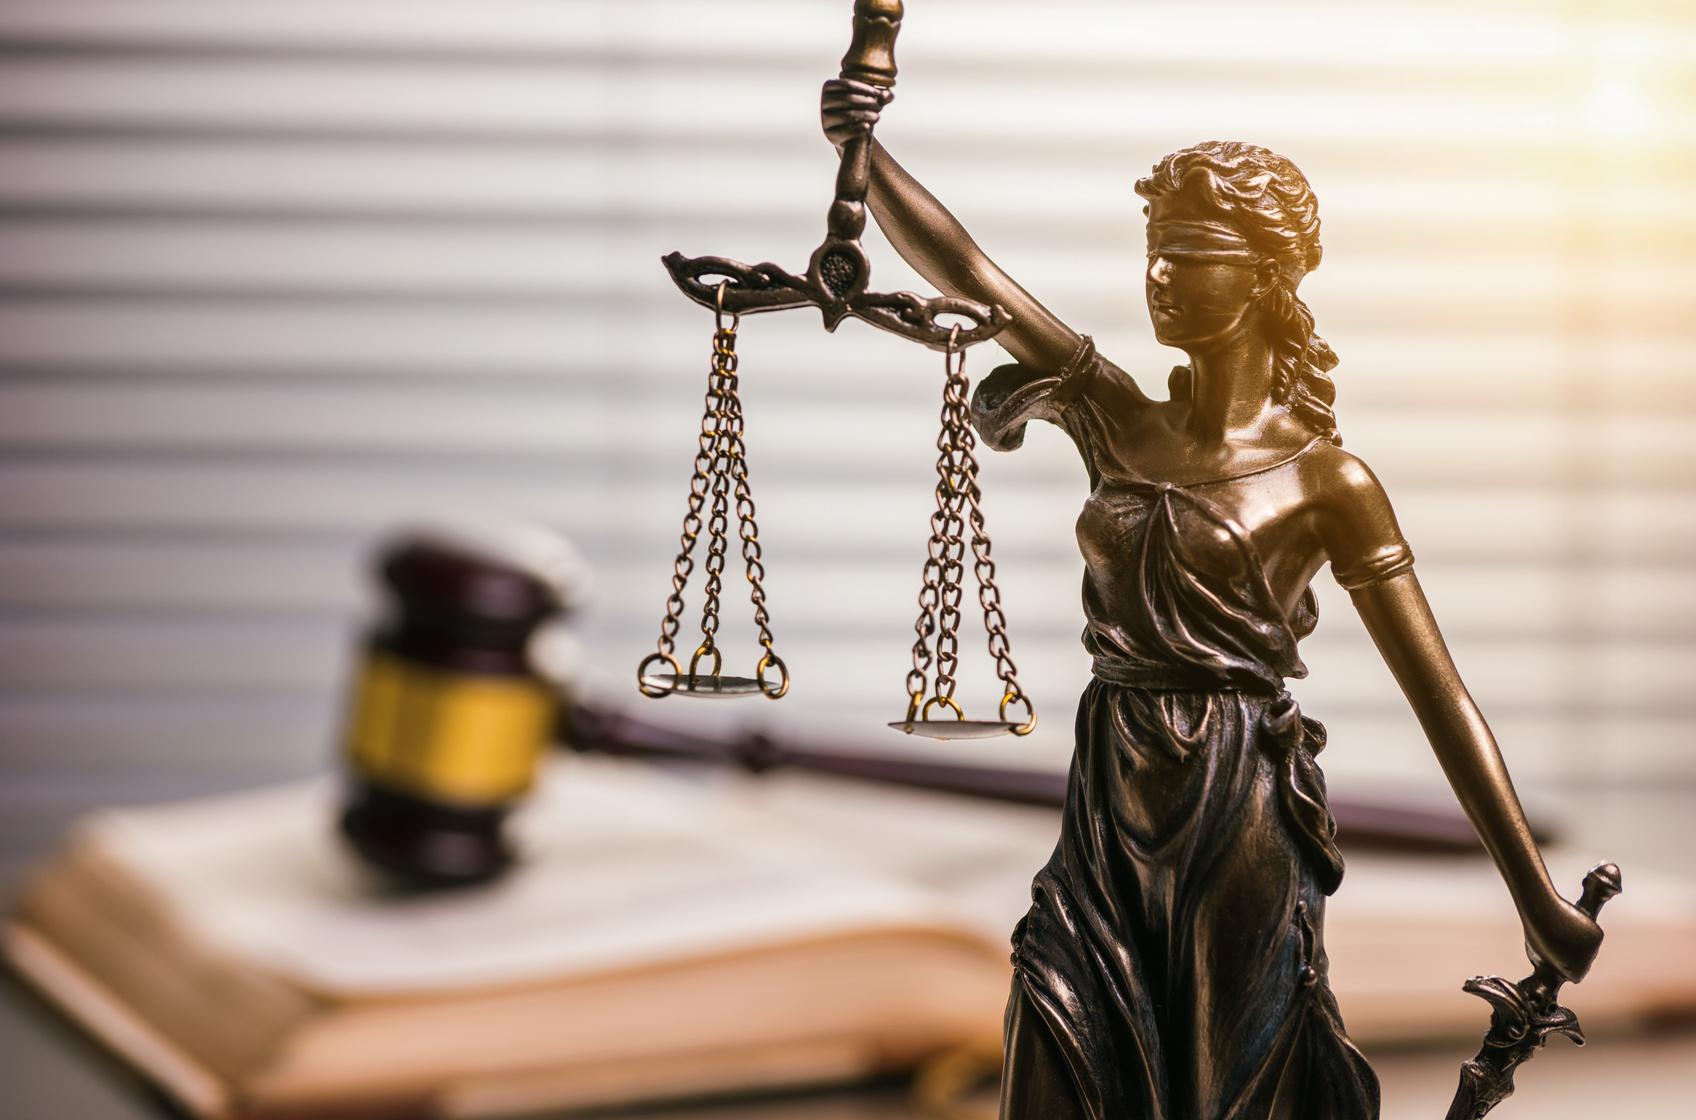 Hartz-IV-Urteil Jobcenter muss ungenutzte Wohnung nicht zahlen